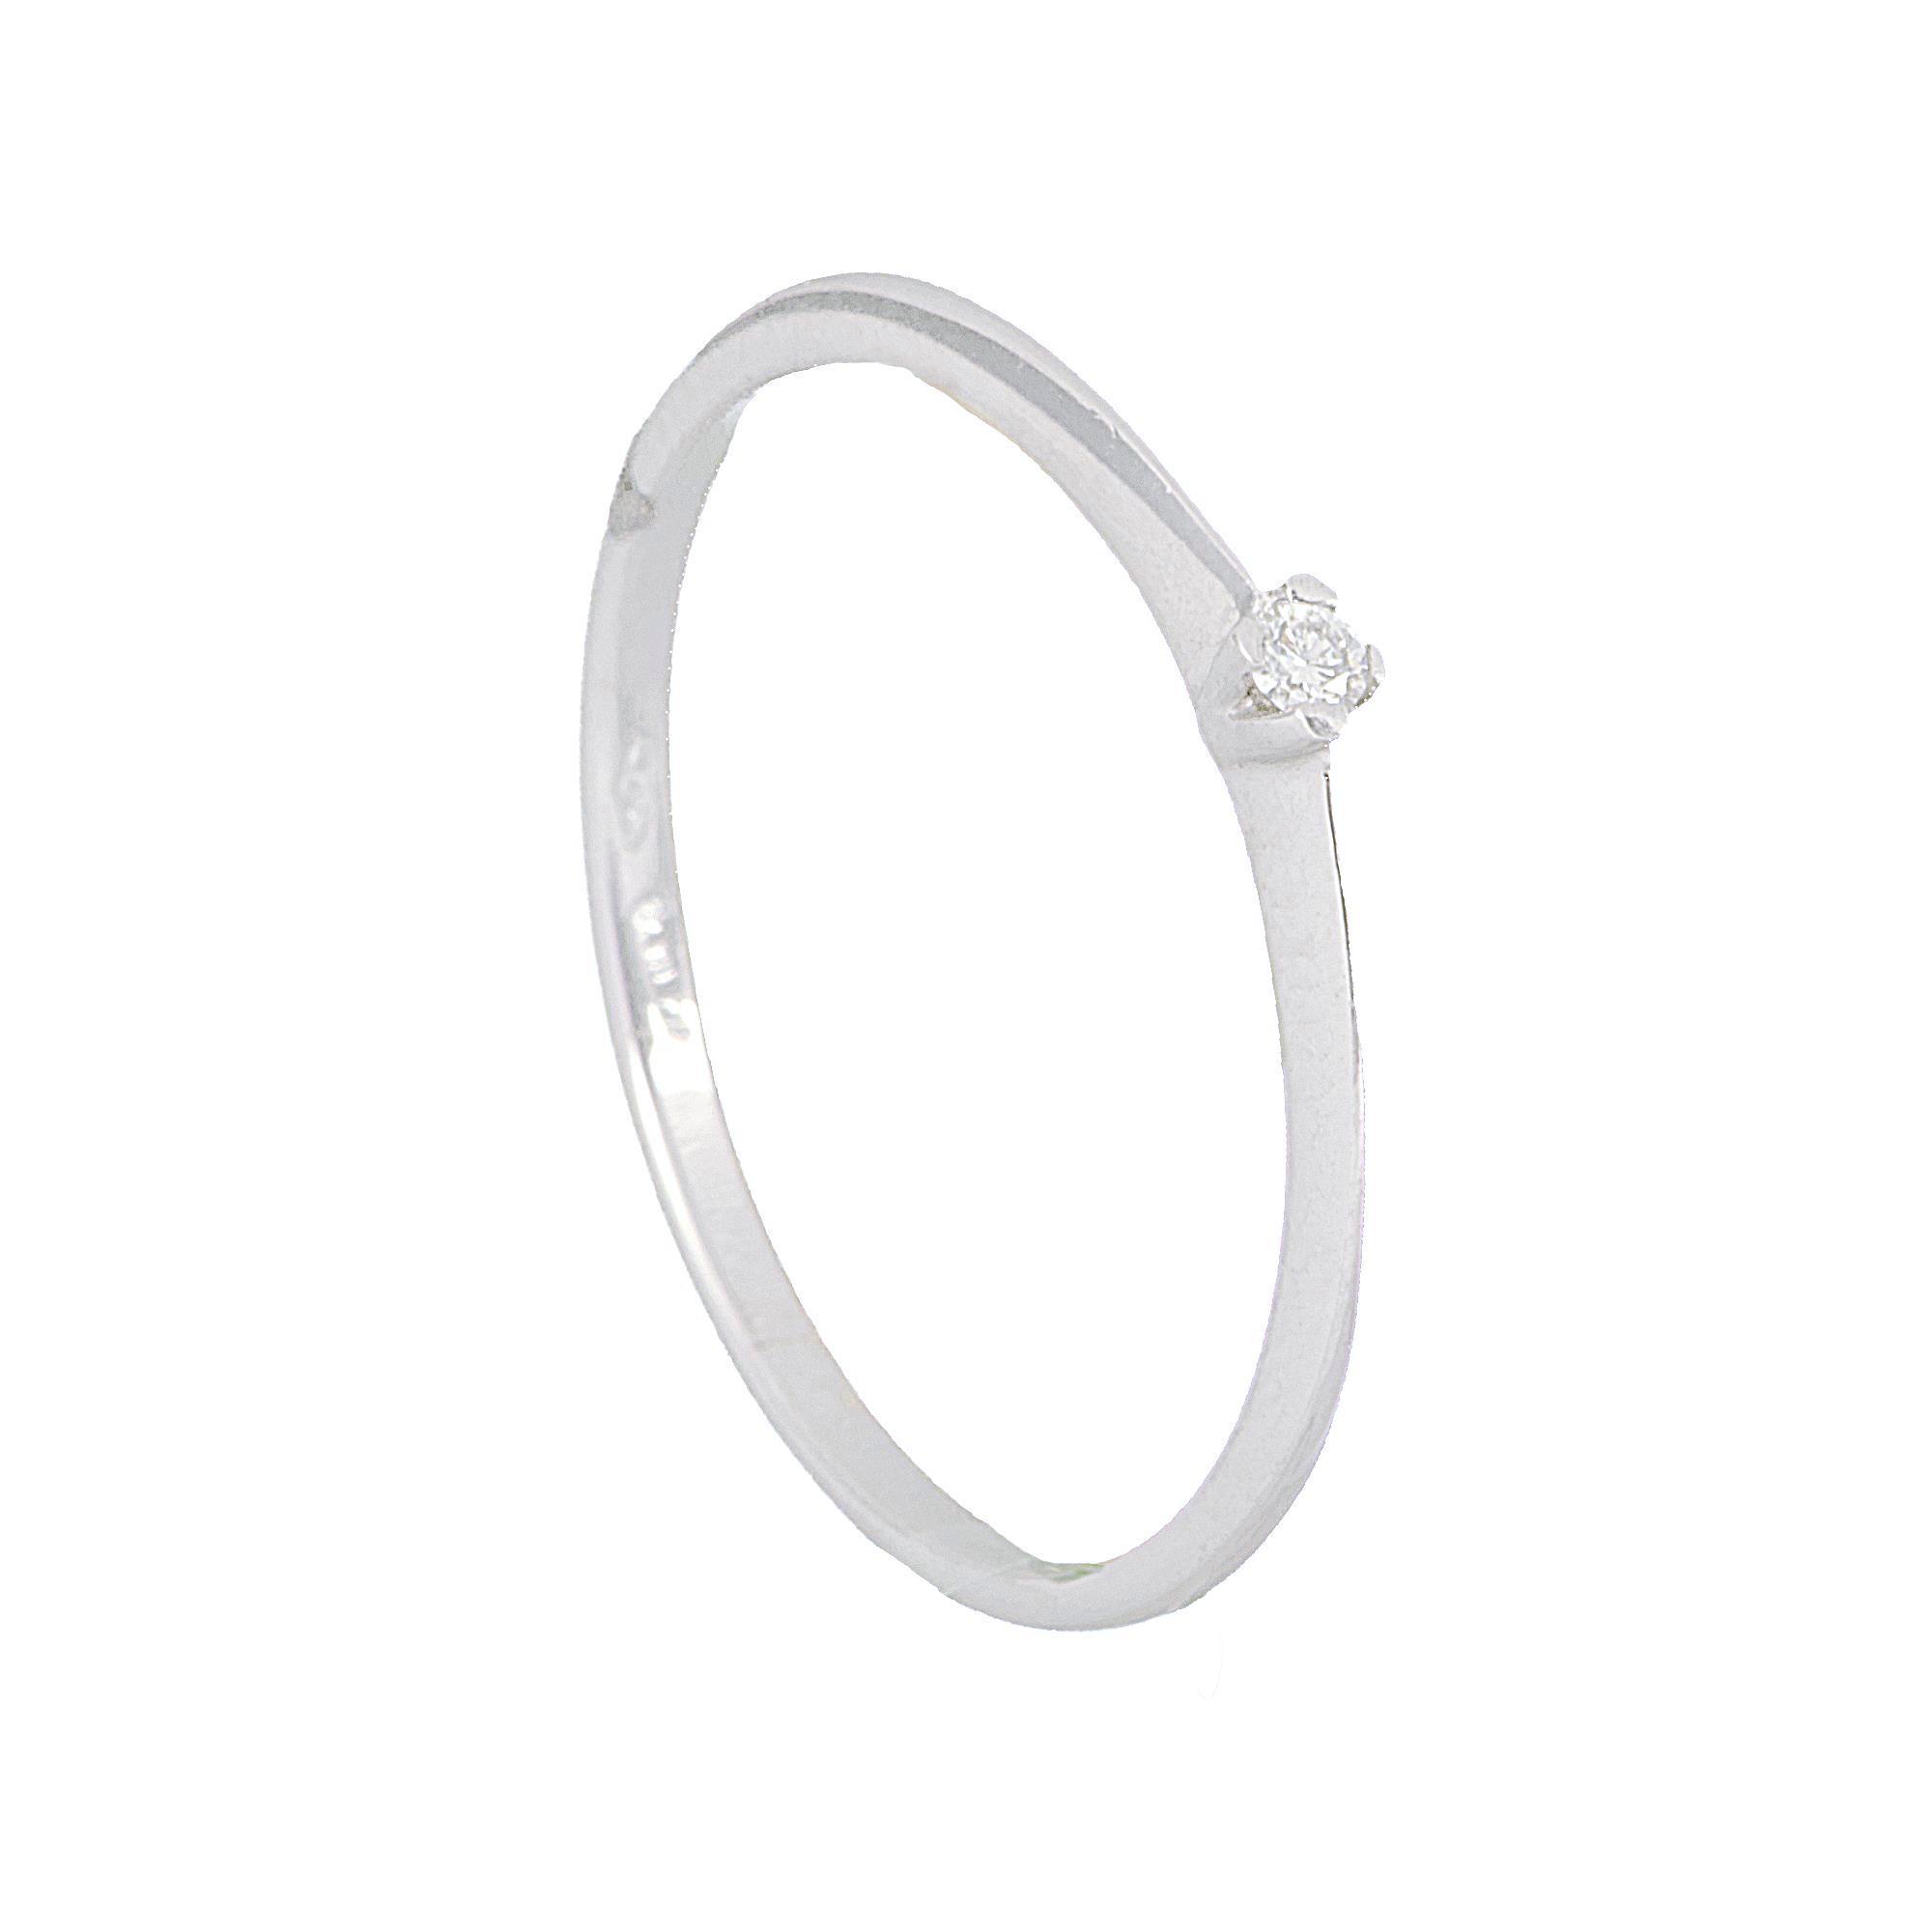 Anello in oro bianco con diamante ct. 0,02 - ALFIERI & ST. JOHN